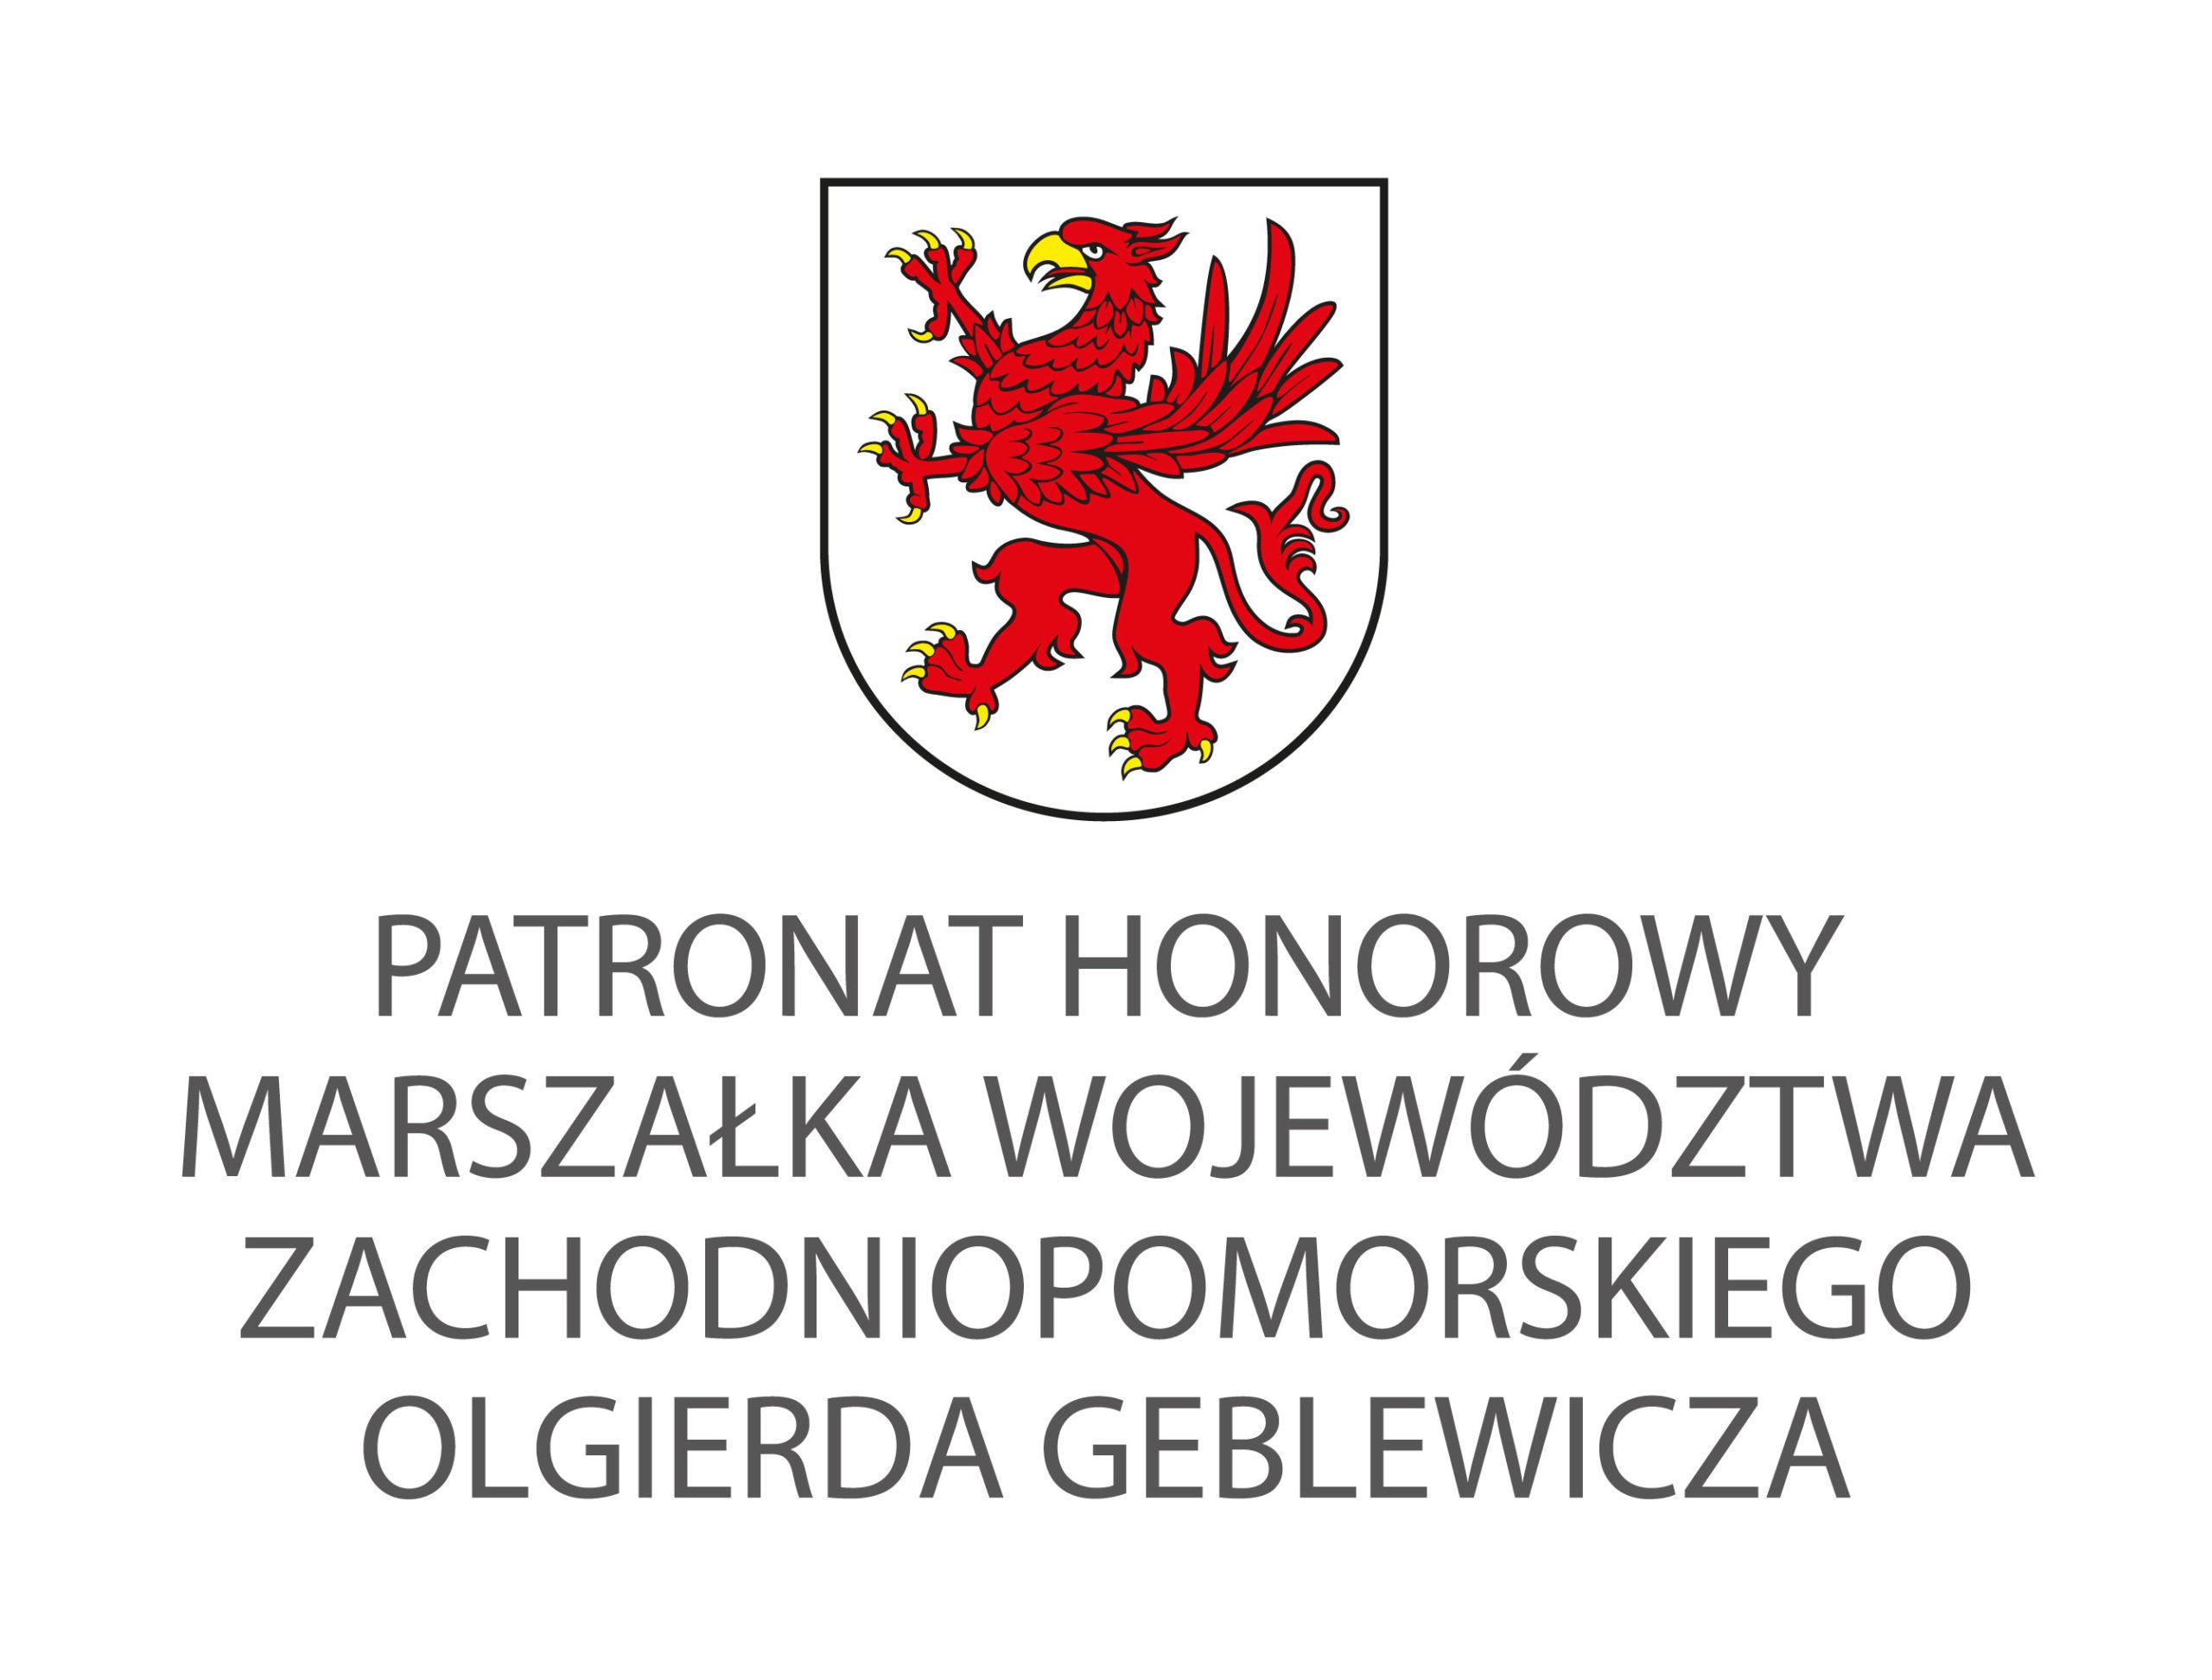 Patronat Honorowy Marszałka Województwo Zachodniopomorskiego Olgierda Geblewicza